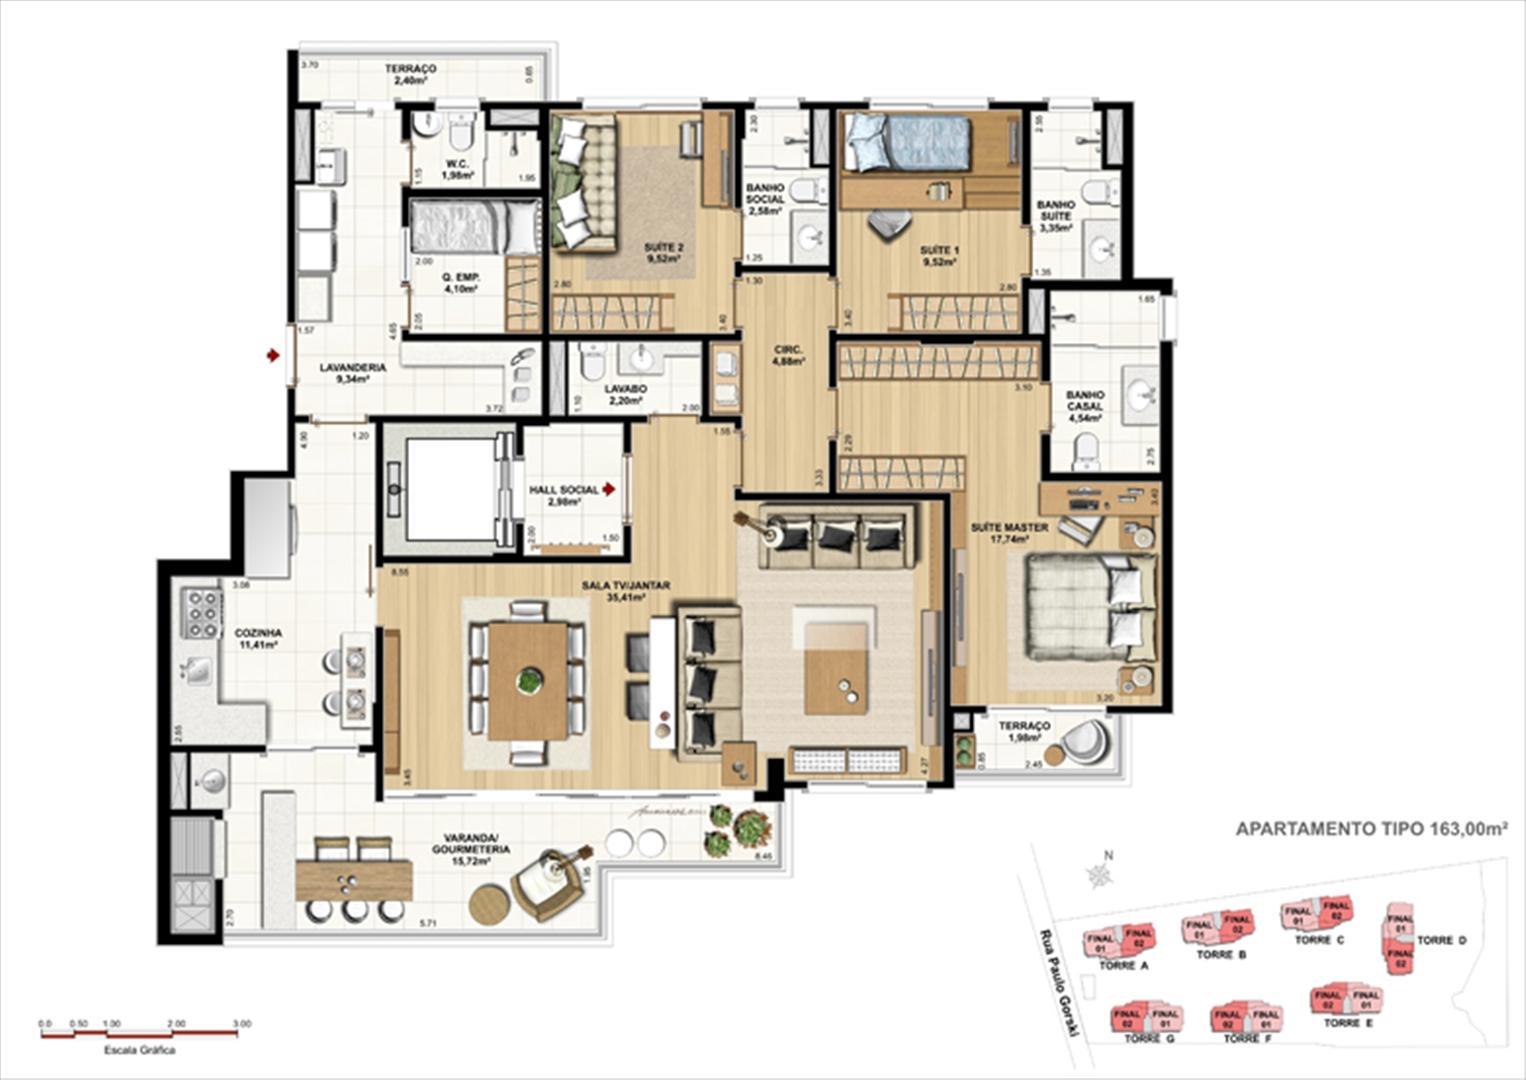 Padrão Tipo e Perspectiva ilustrada da implantação | Ópera Unique Home – Apartamento no  Ecoville - Curitiba - Paraná